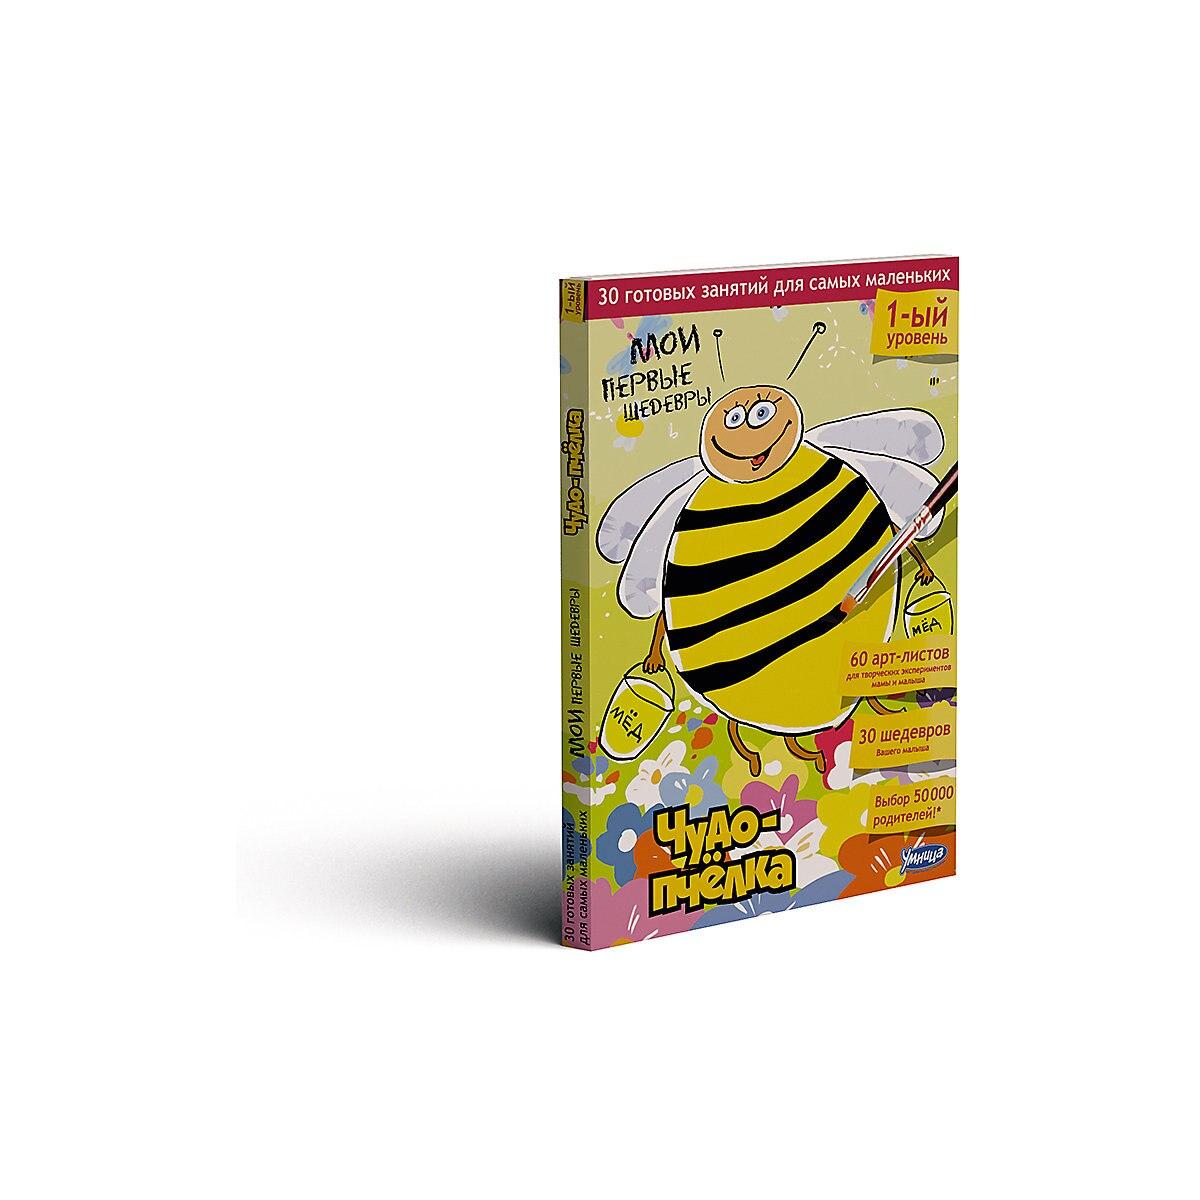 UMNITSA Books 4200826 MTpromo